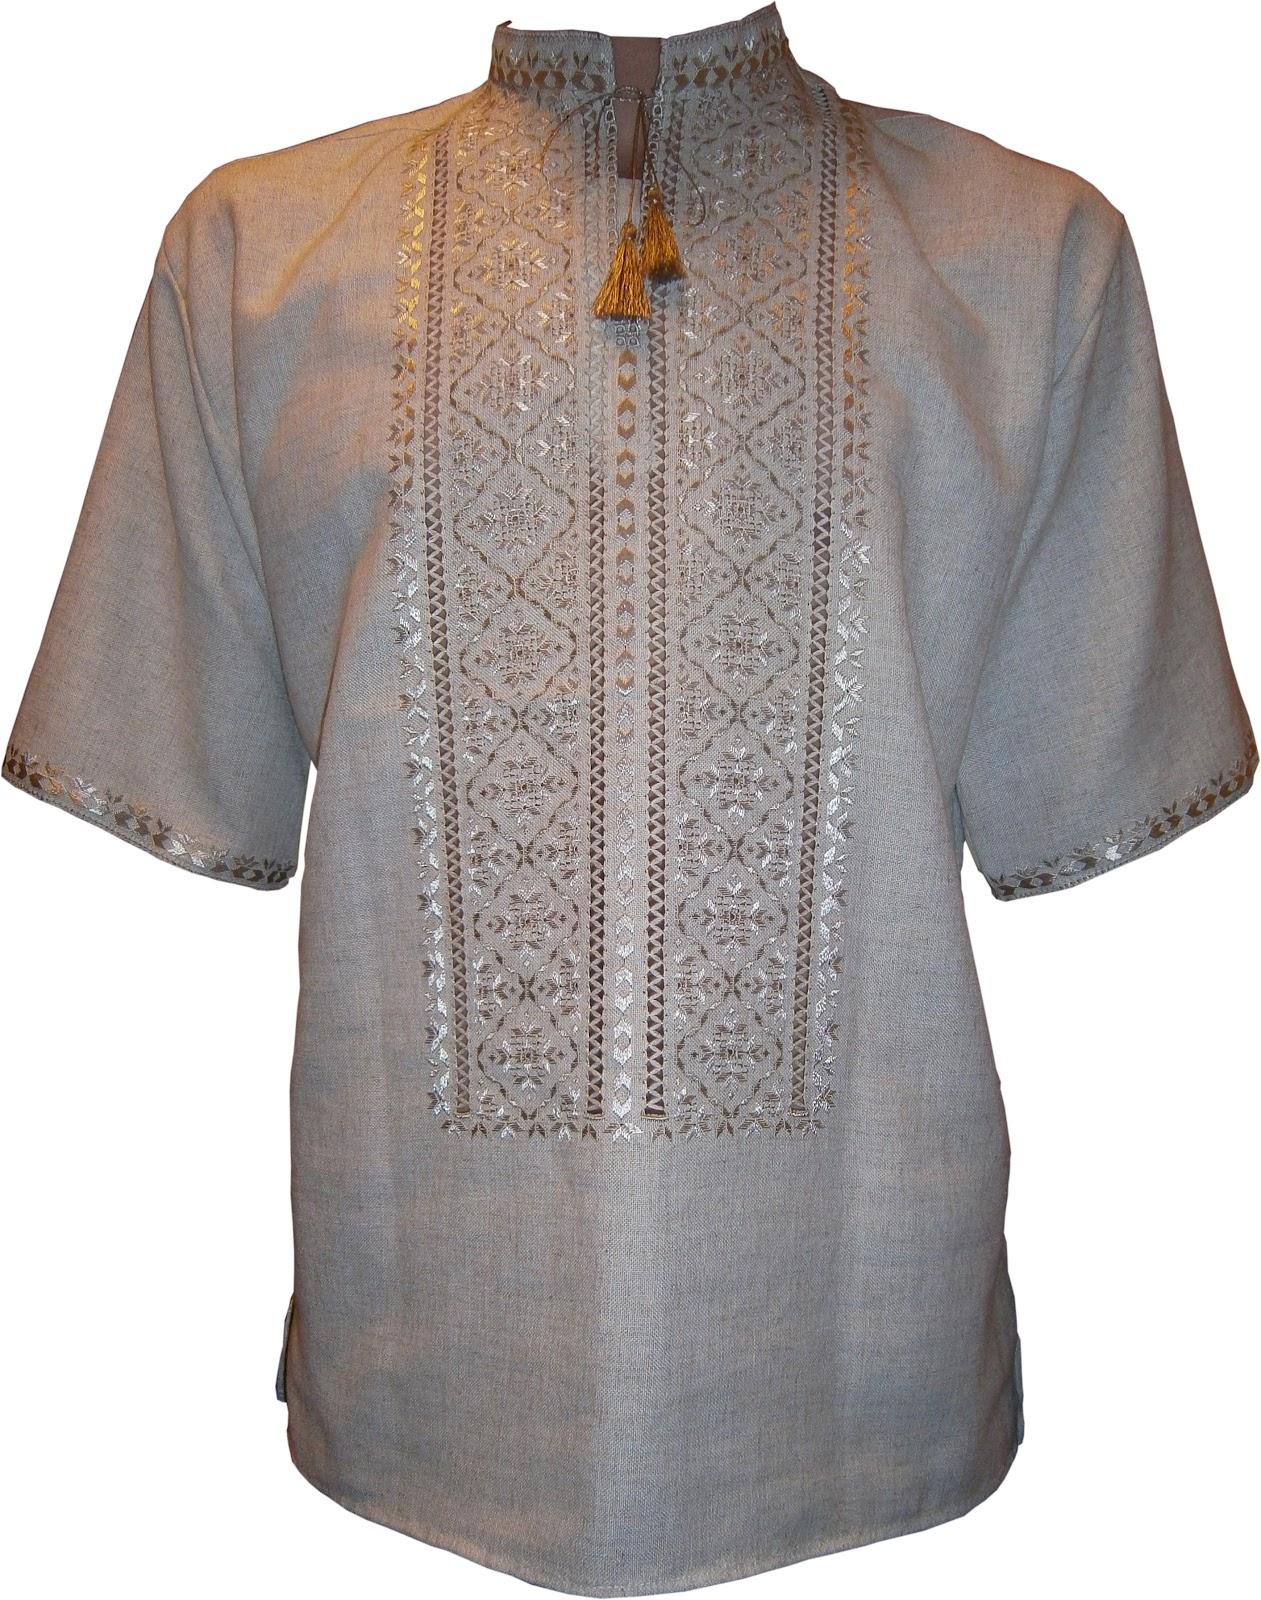 Вишиванка - Інтернет-магазин вишиванок  Вишиванка 130542eb8c859